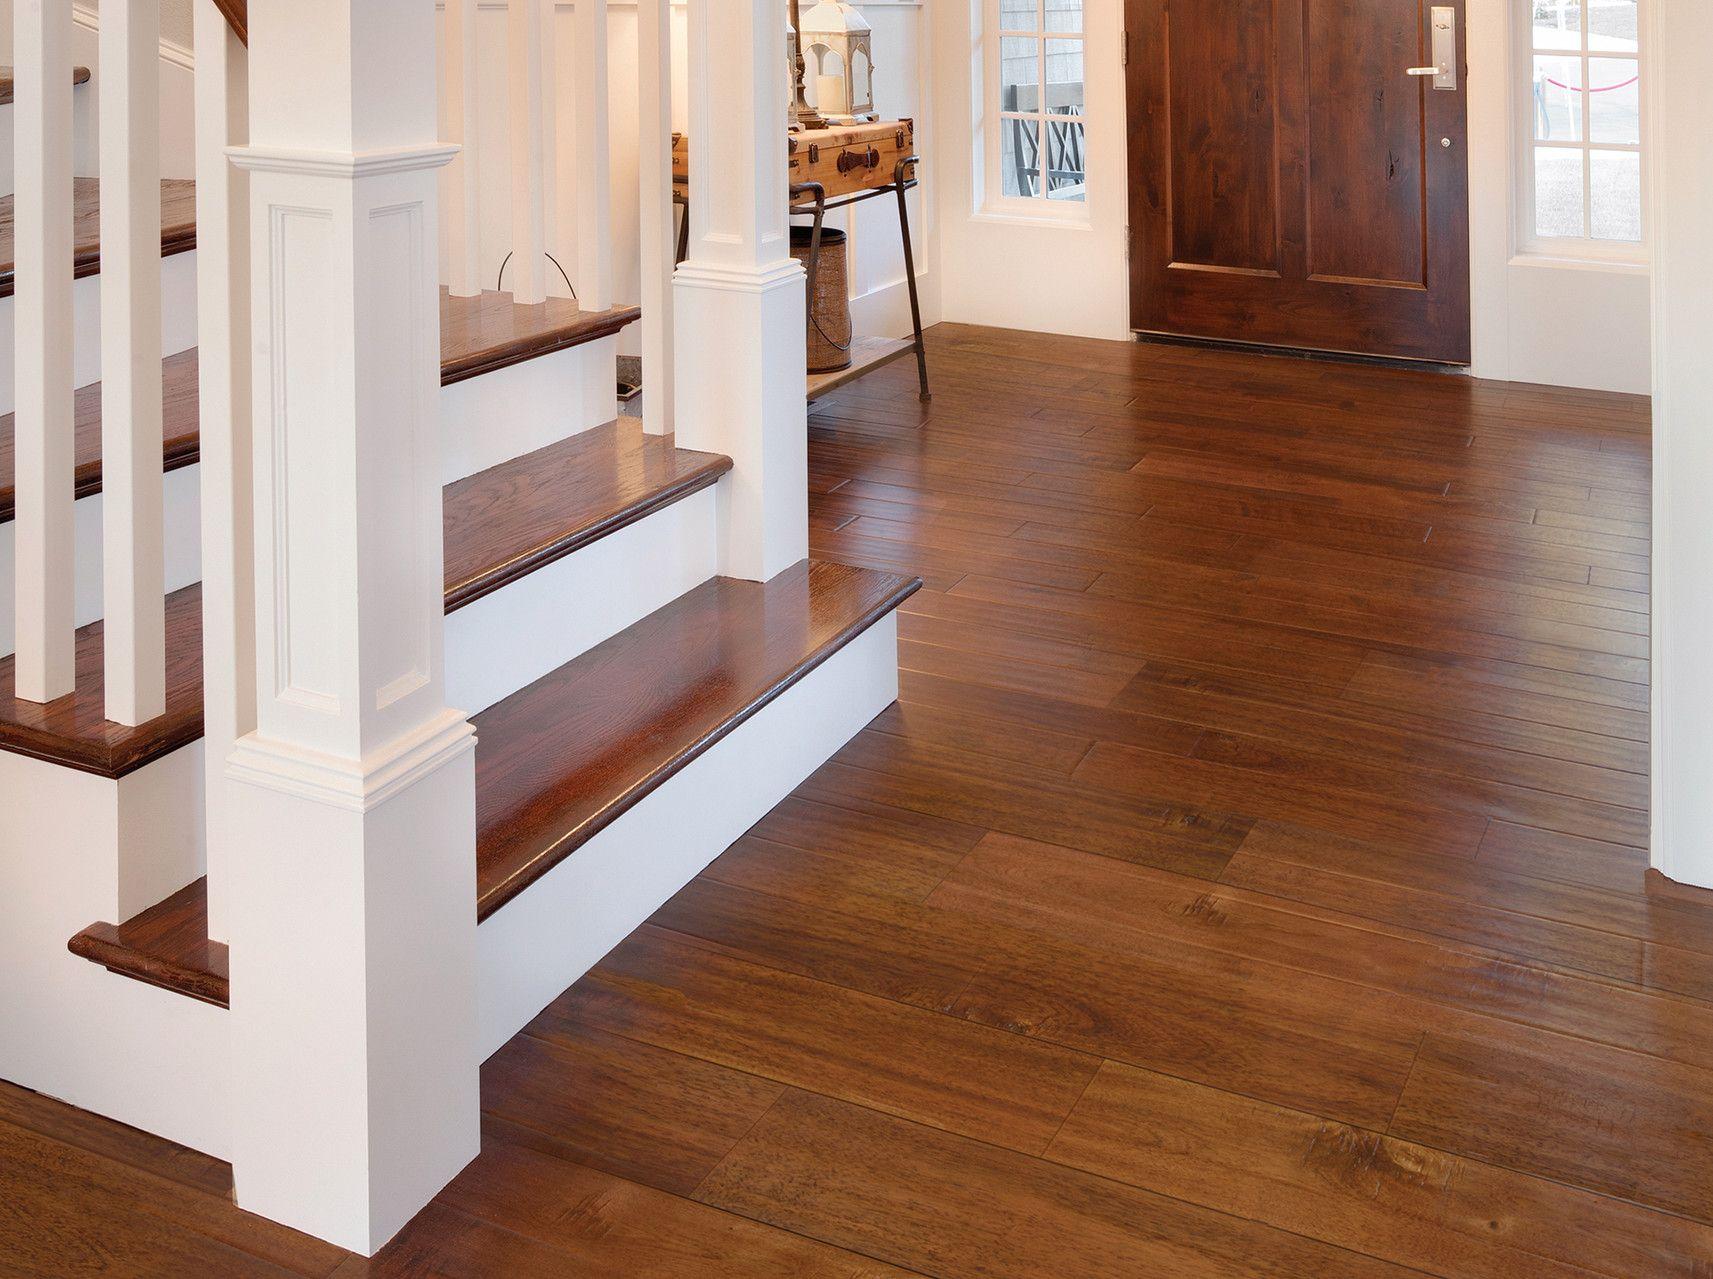 Galleries   Acacia wood flooring, Flooring, Distressed floors